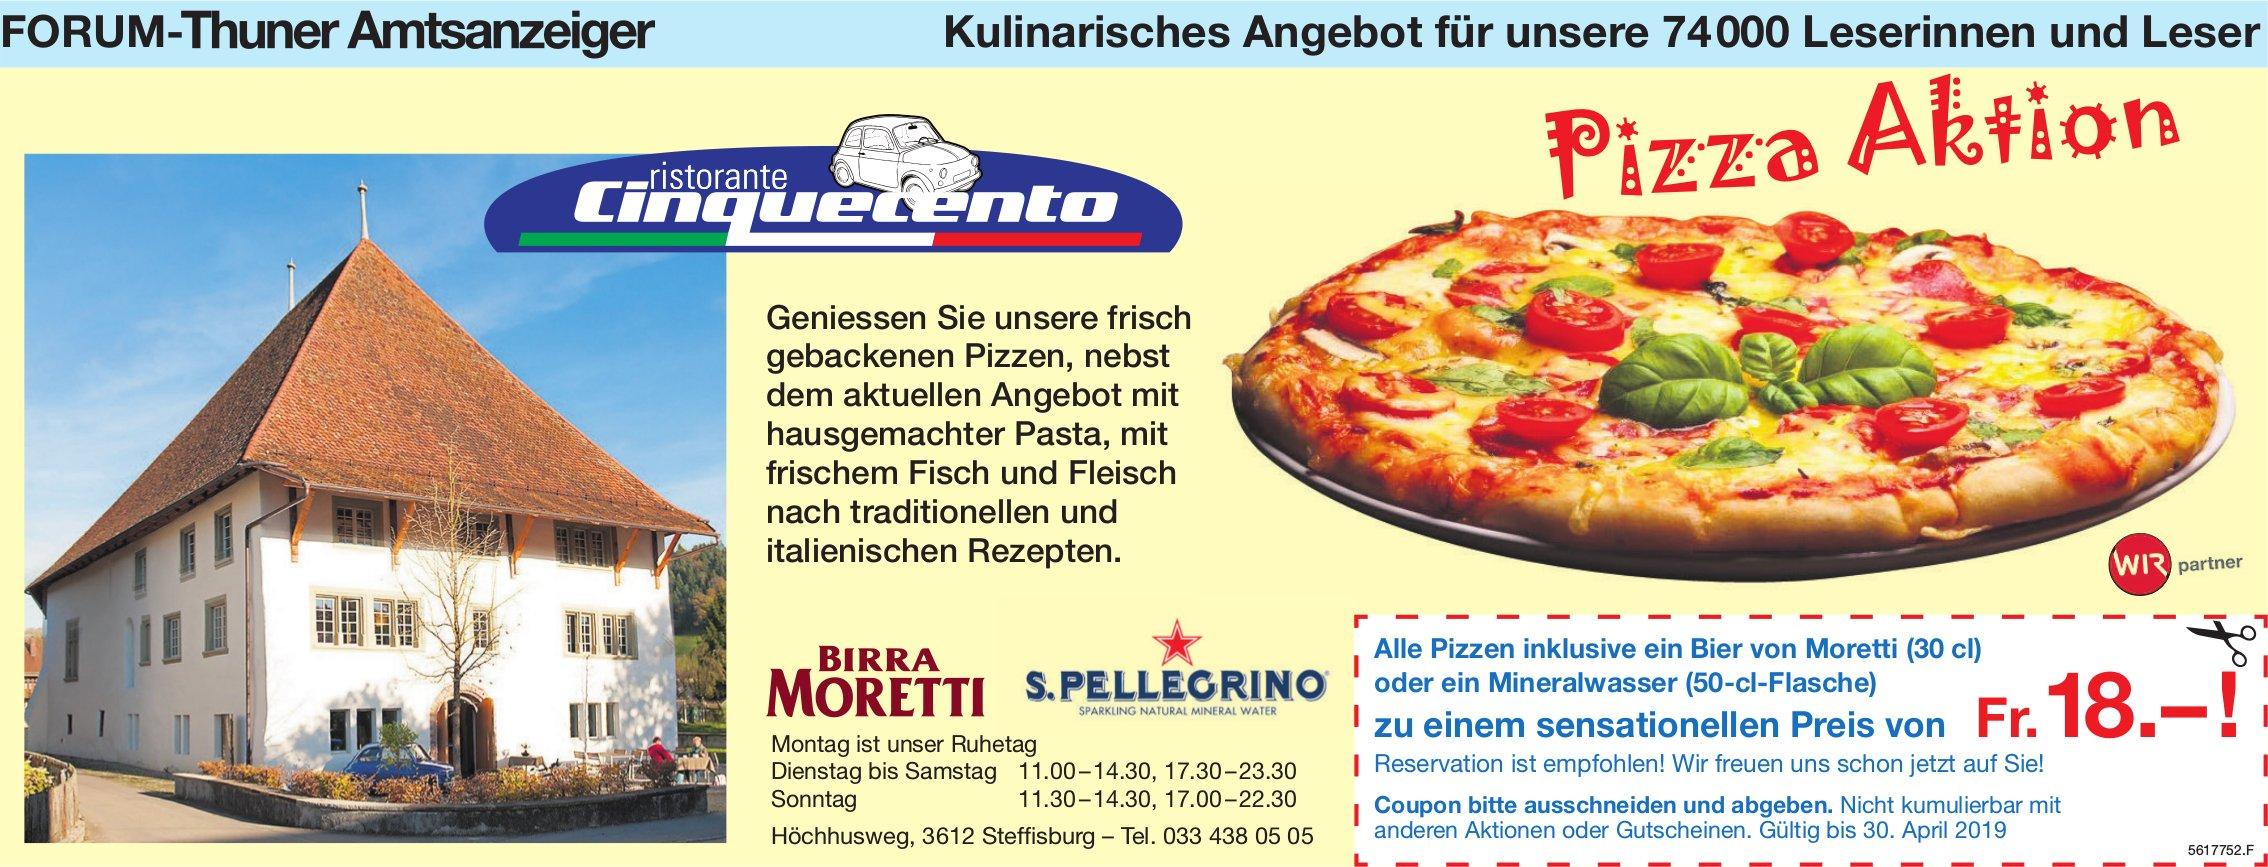 Kulinarisches Angebot für unsere 74000 Leserinnen und Leser - Pizza Aktion, Ristorante Cinquecento